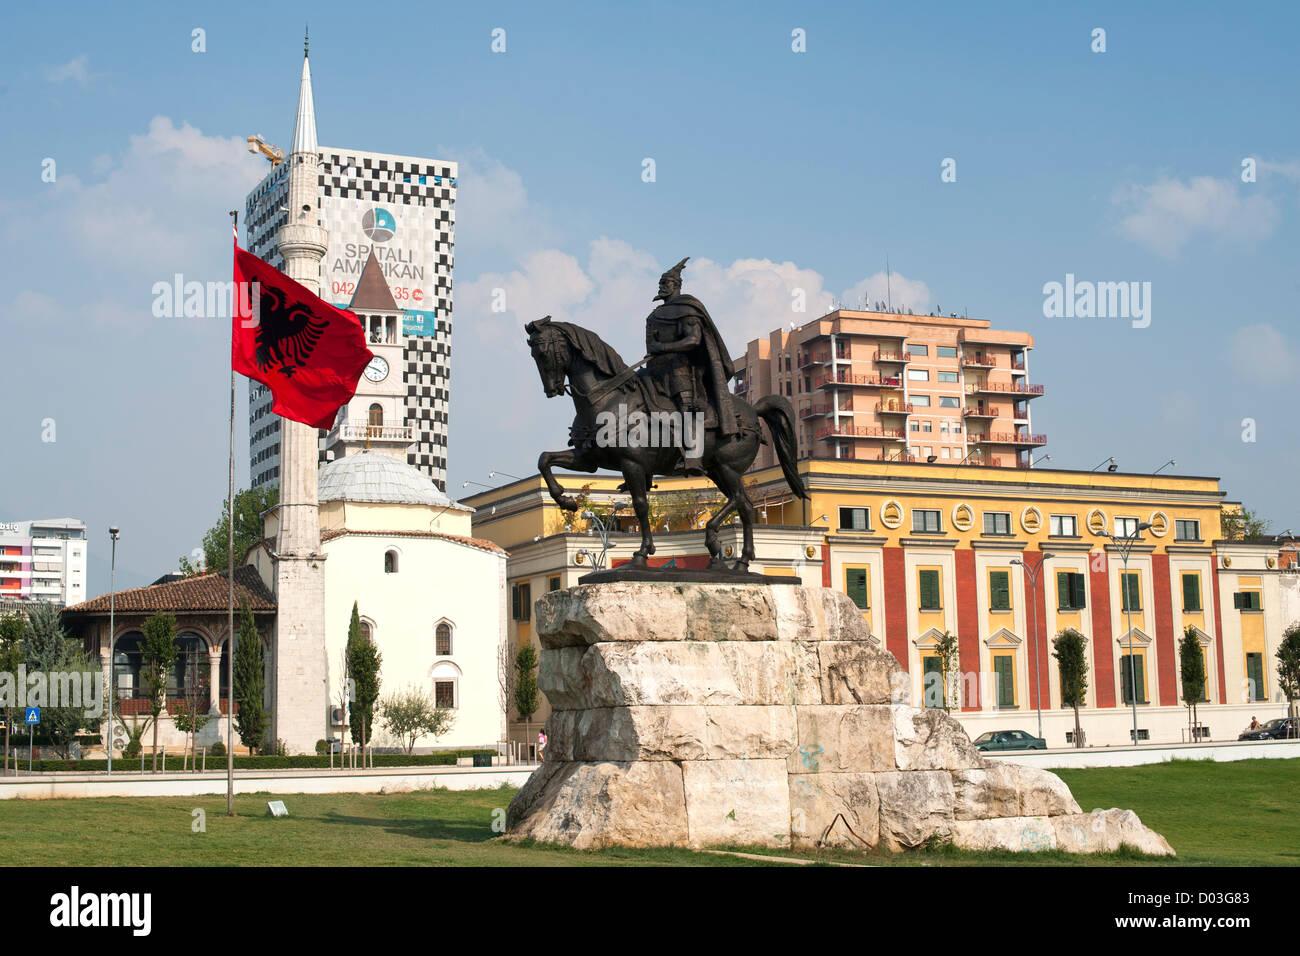 The Skanderbeg Monument in Skanderbeg Square in Tirana, the capital of Albania. - Stock Image